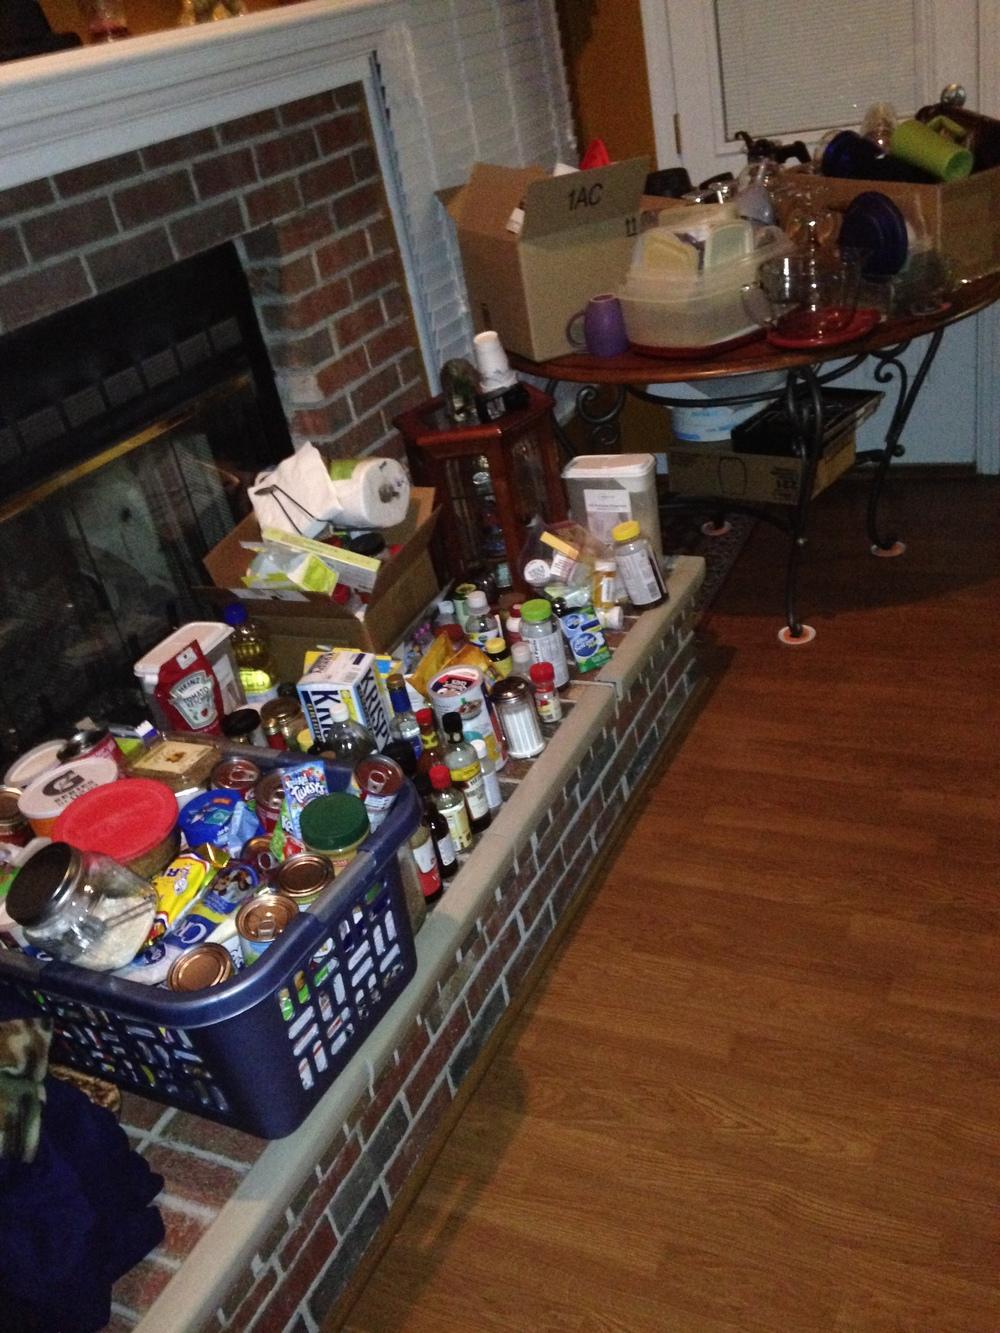 Kitchen cabinet stuff was everywhere.